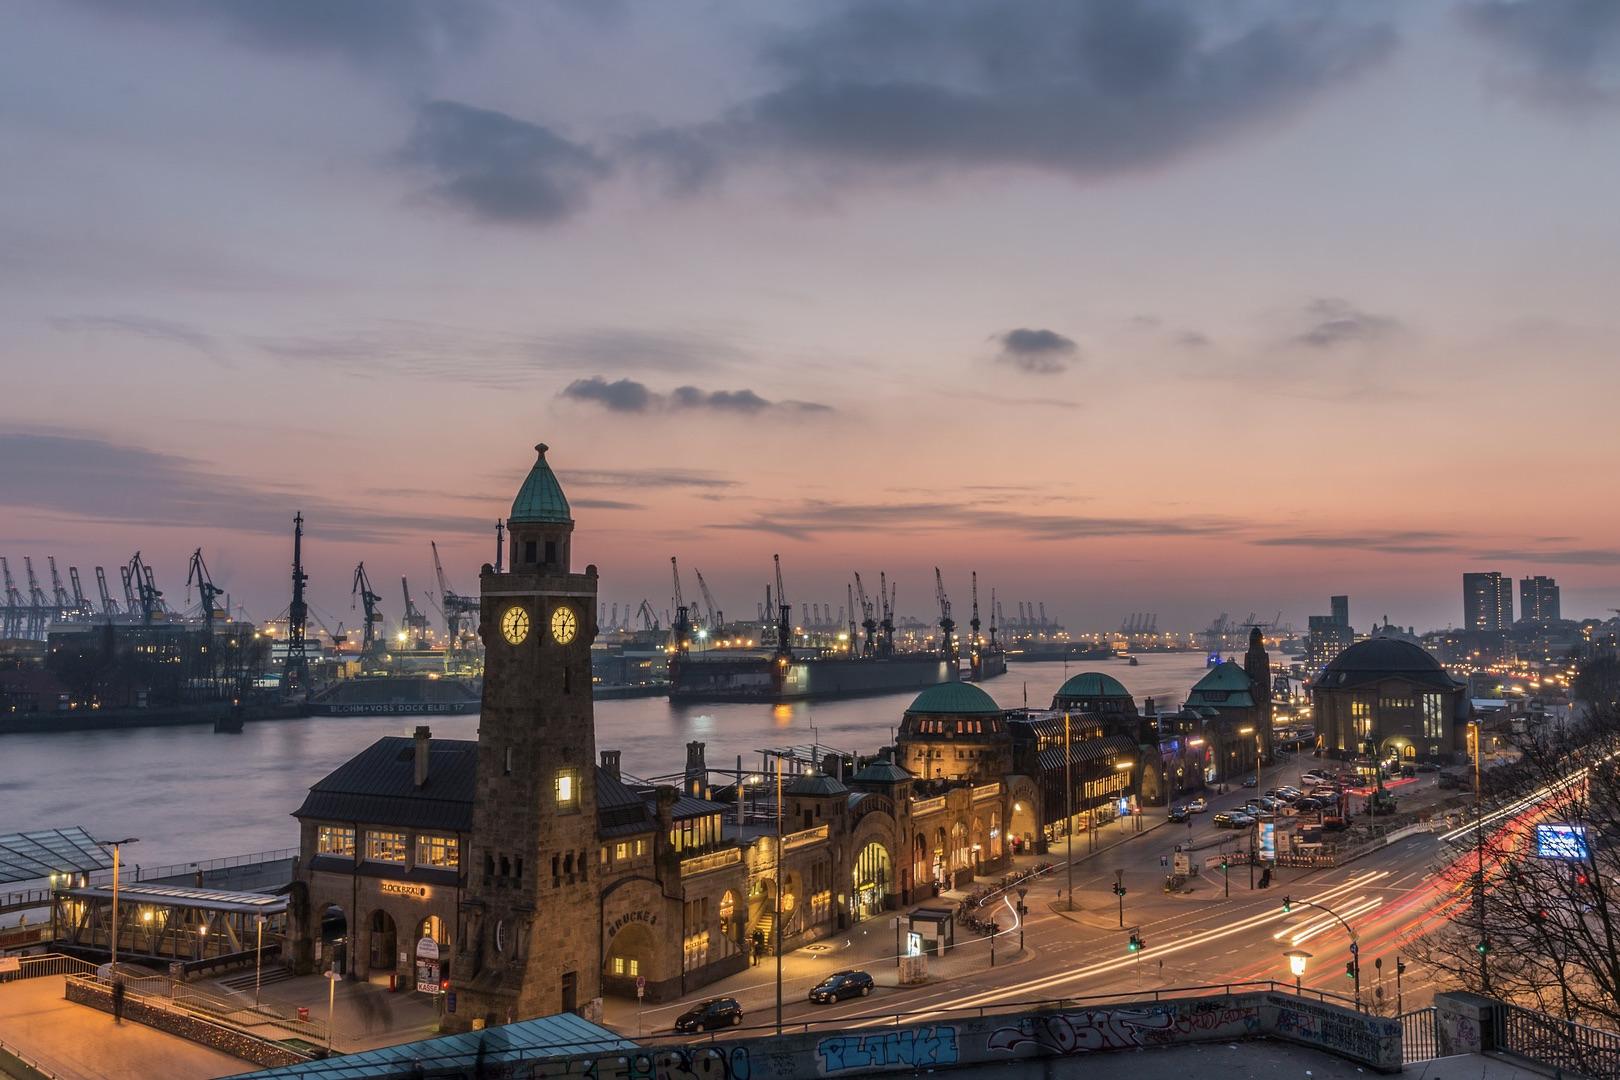 Zu den besten Hamburg Sehenswürdigkeiten gehören die Landungsbrücken an der Elbe